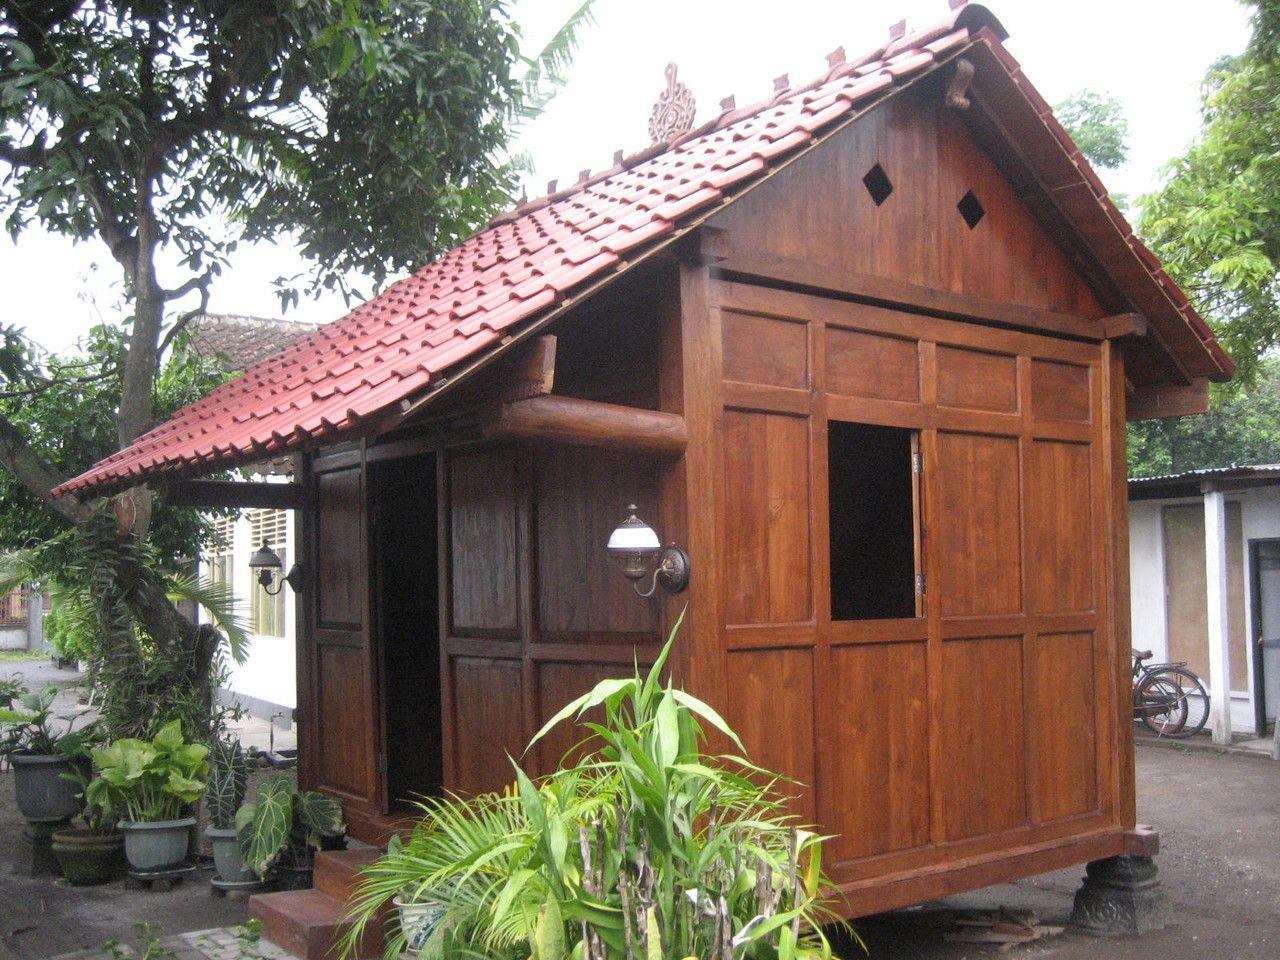 Dijual Rumah Mungil Antik Kayu Jati Kaskus The Largest